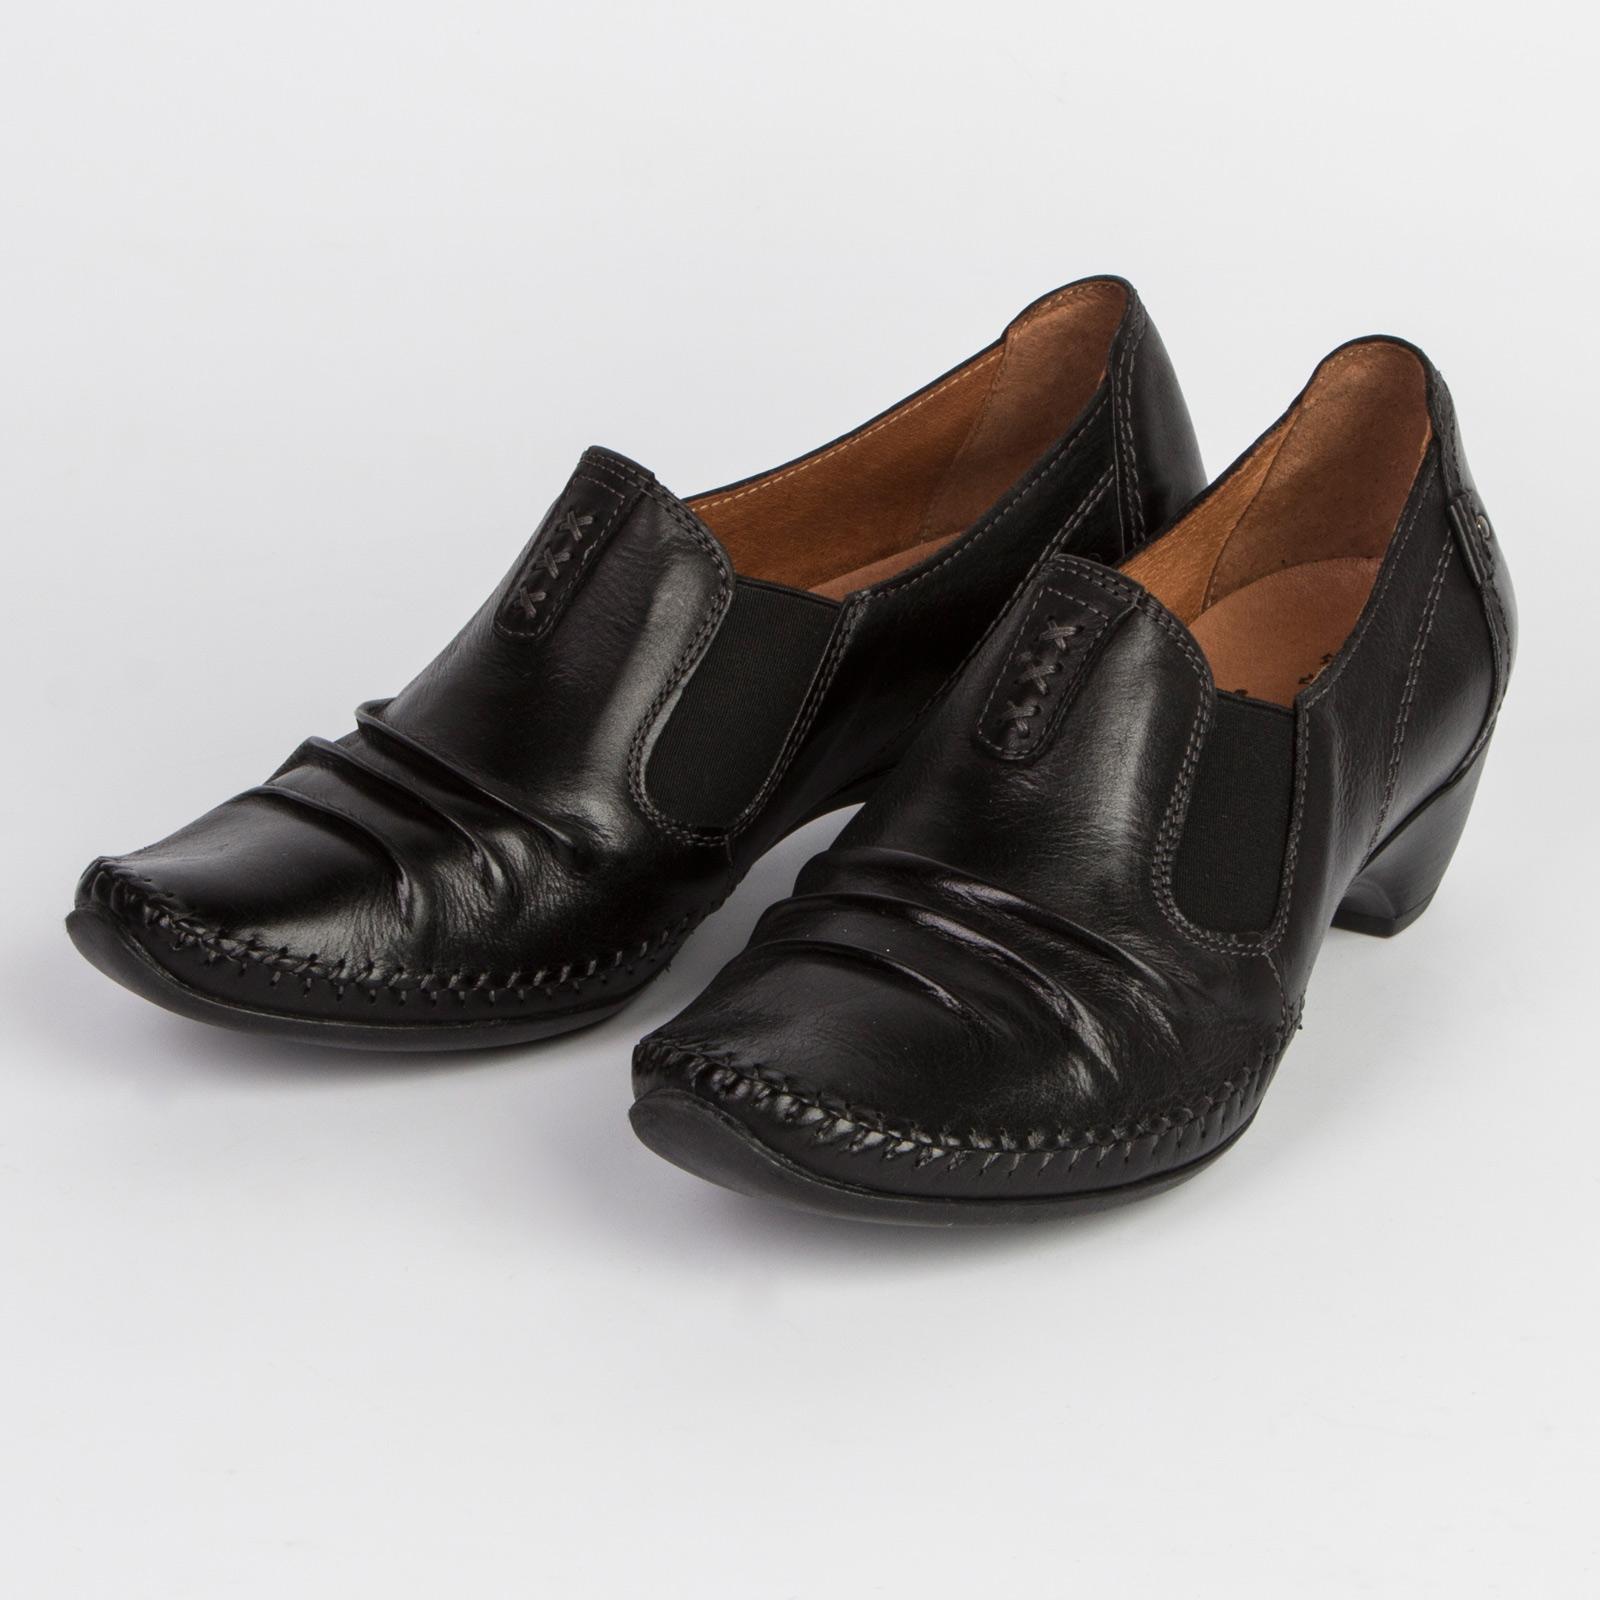 Женские закрытые туфли из натуральной кожи